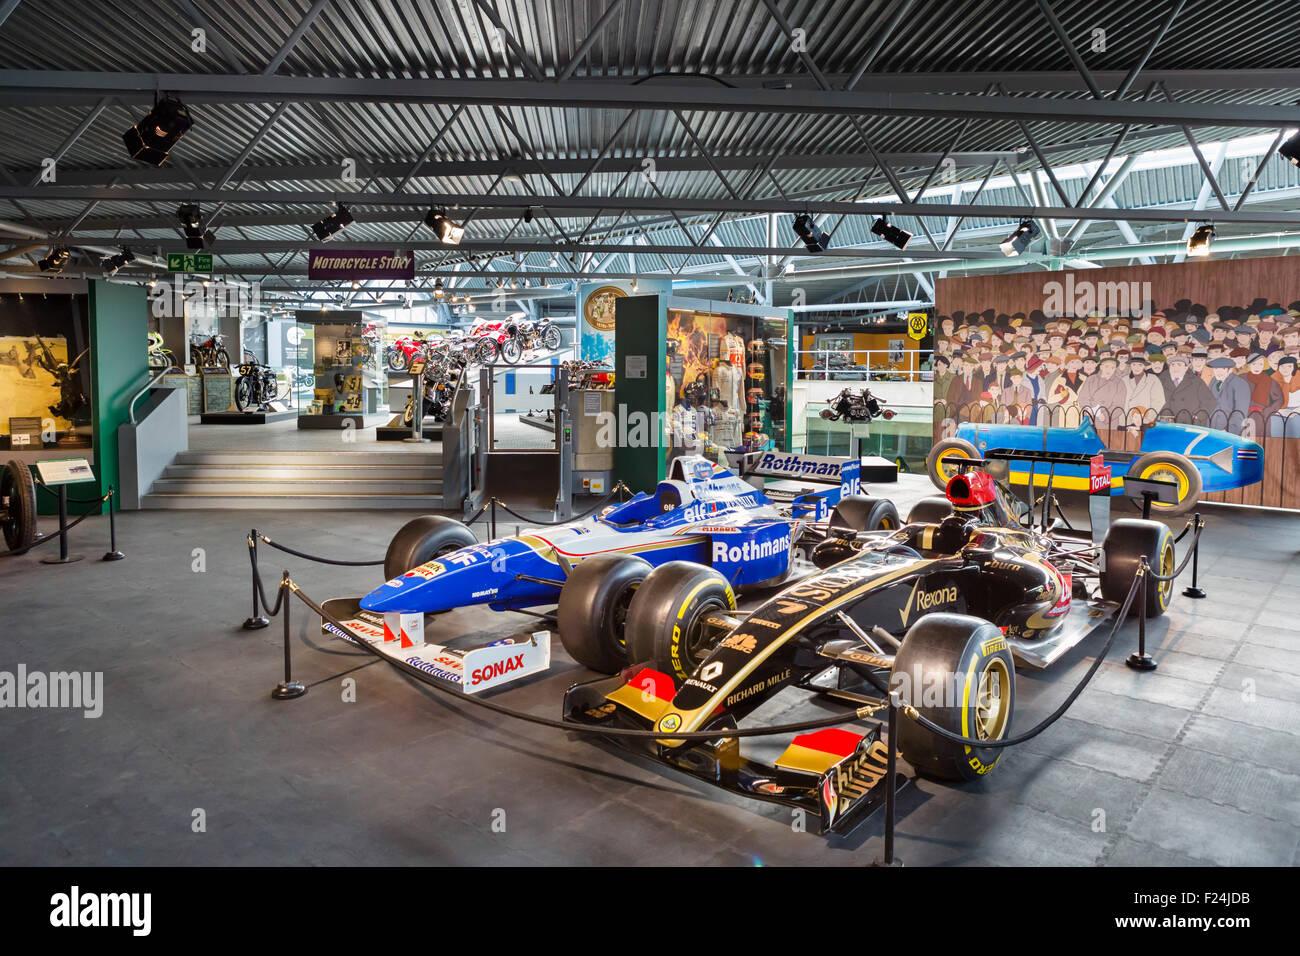 Formula 1 Racing Cars On Display At The National Motor